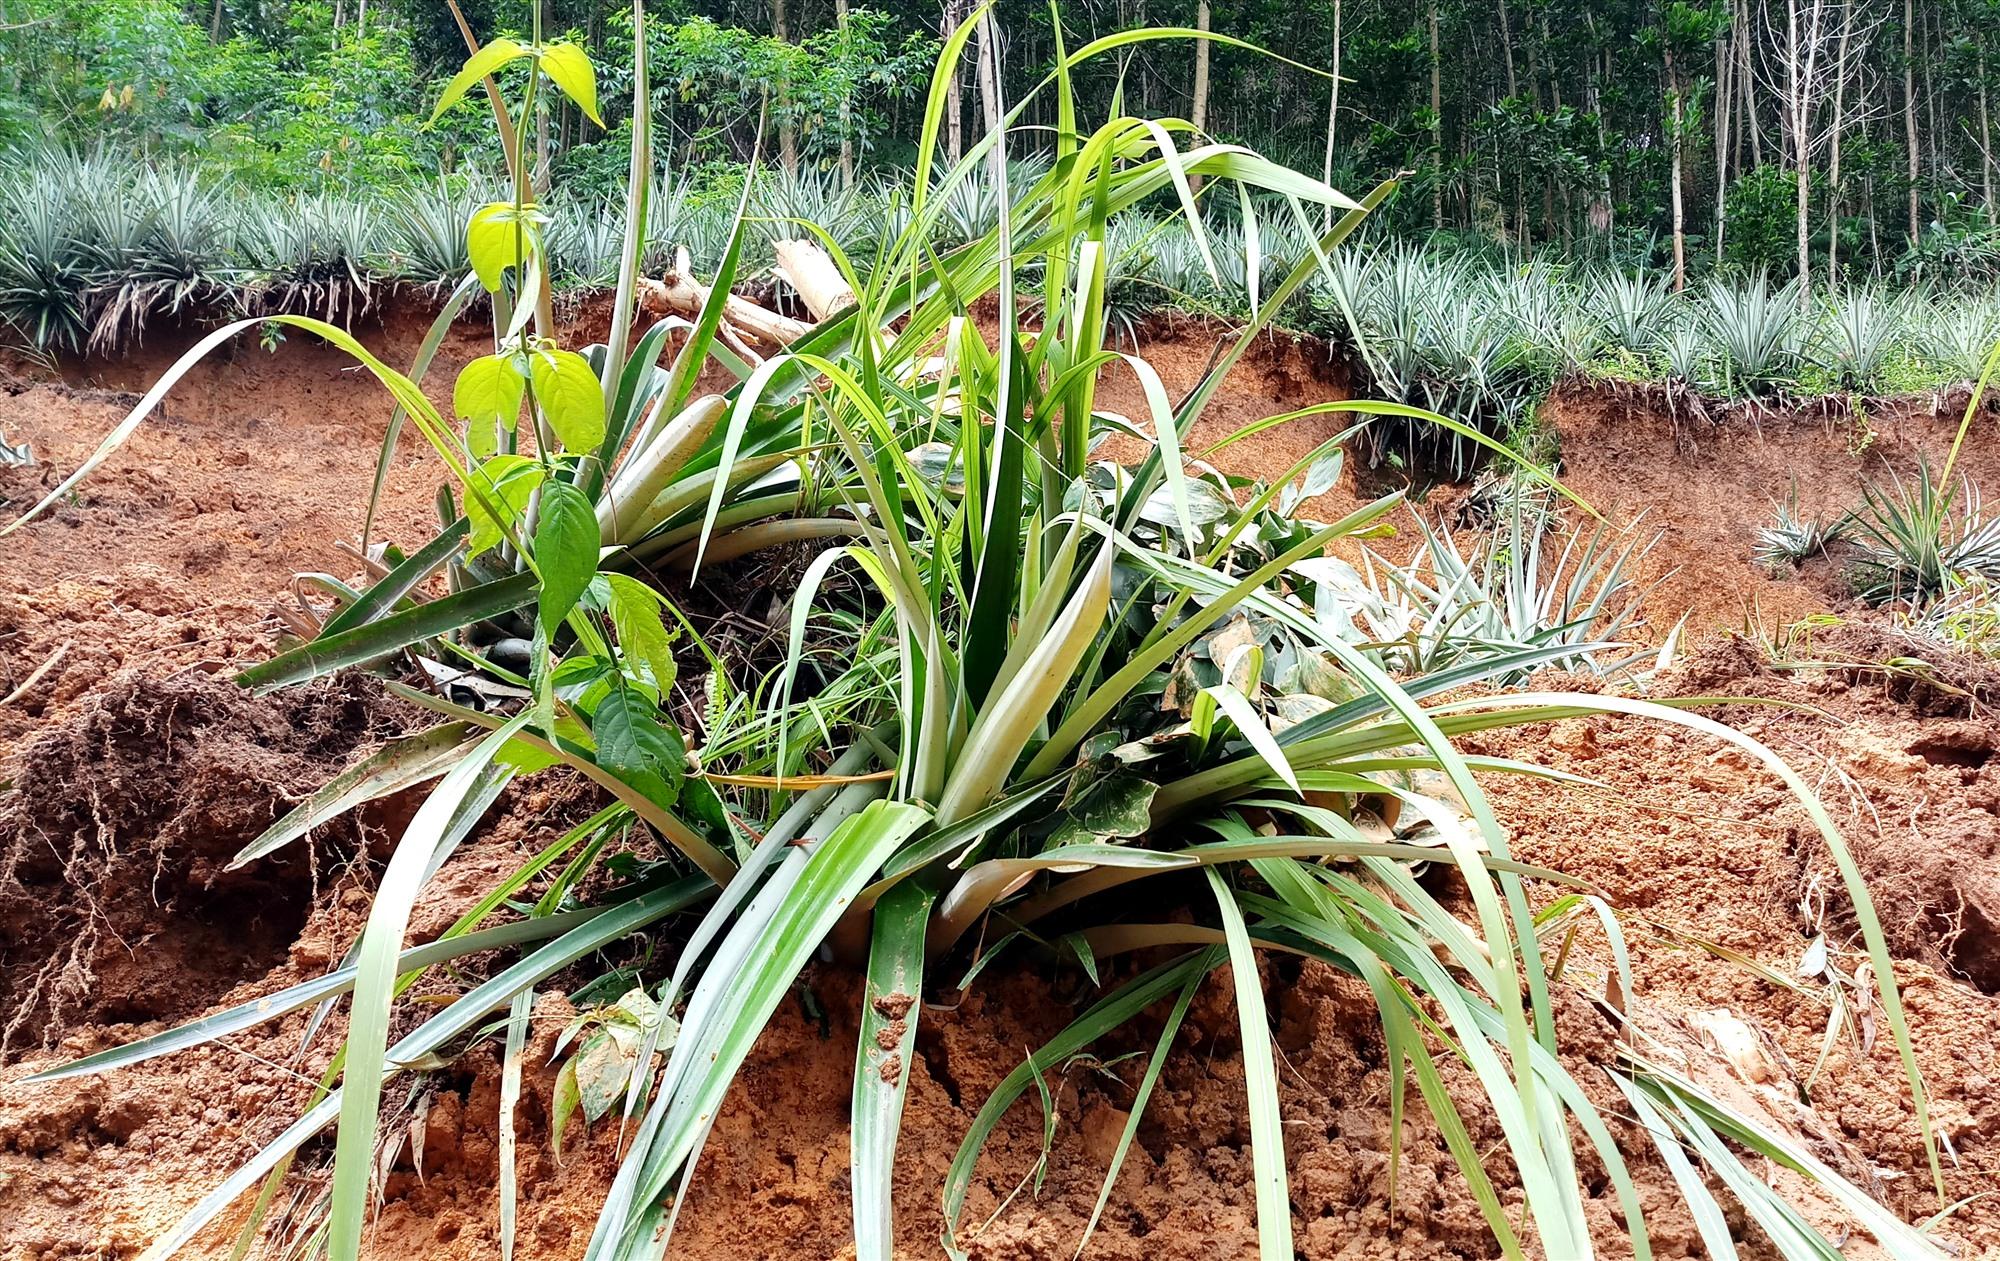 Nhiều diện tích hoa màu, ruộng lúa người dân bị vùi lấp do sạt lở đất. Ảnh: A.N